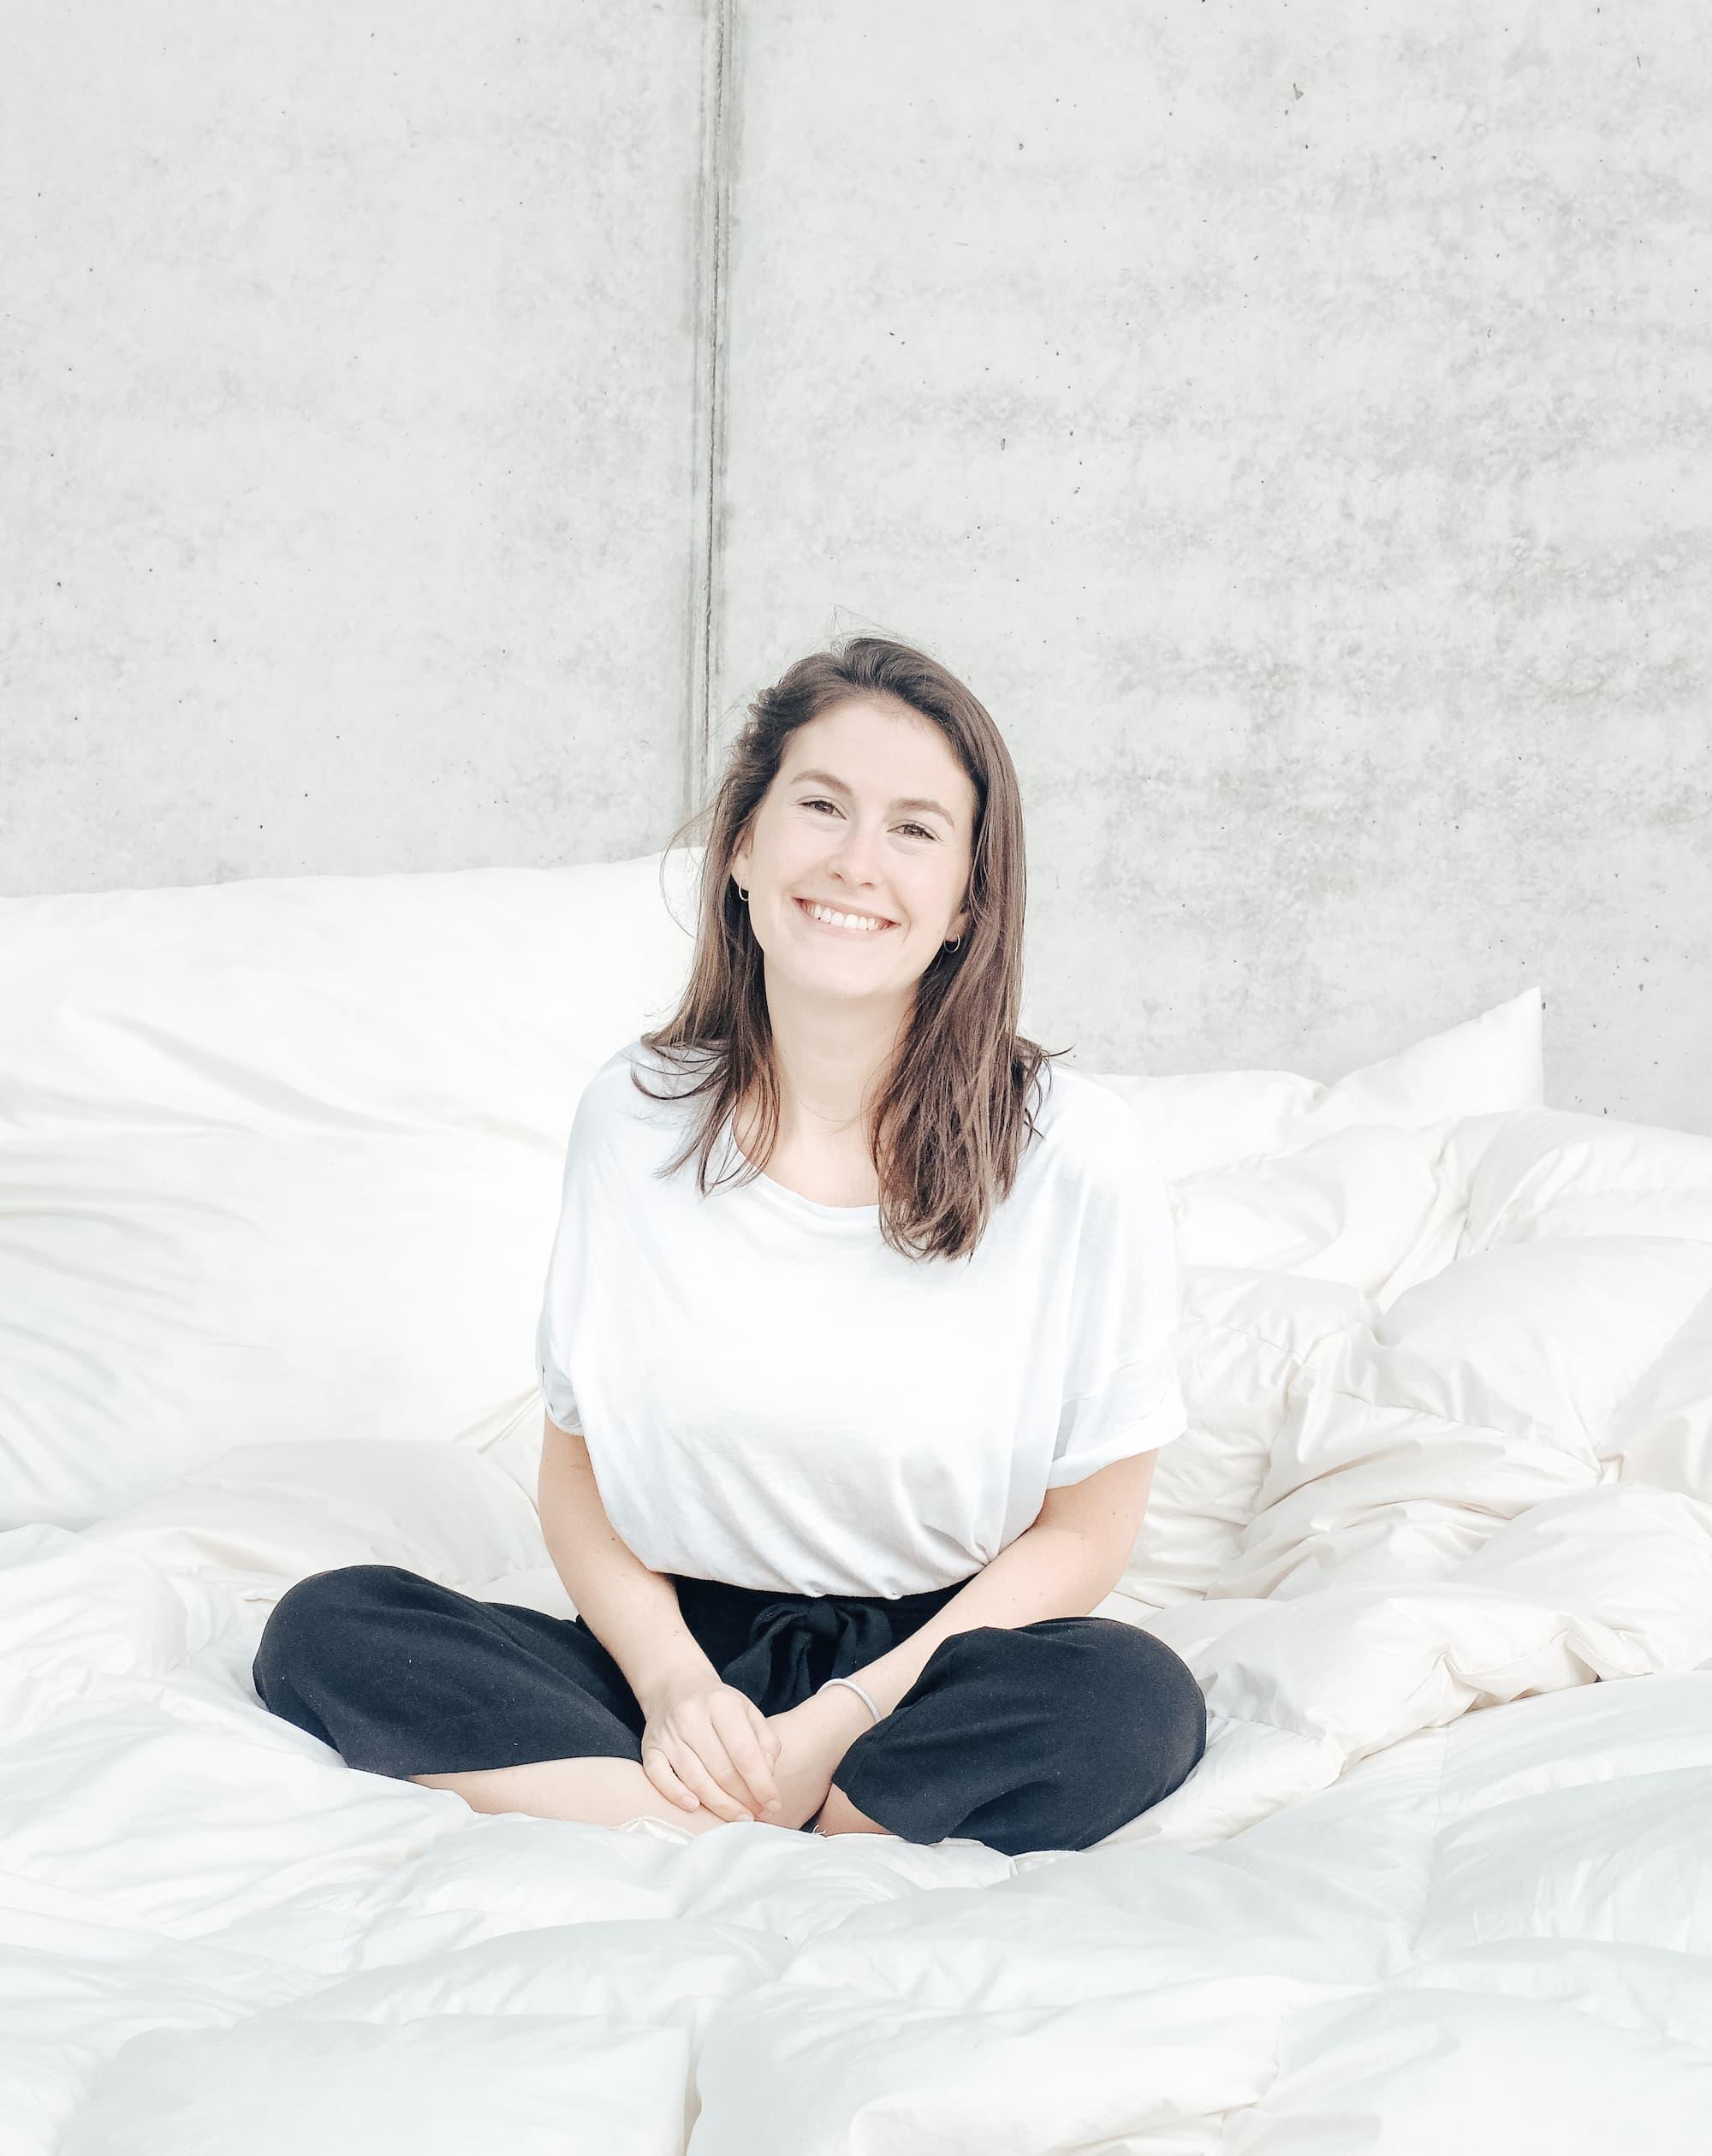 Gründerin Frederike sitzt im Schneidersitz auf einem Bett